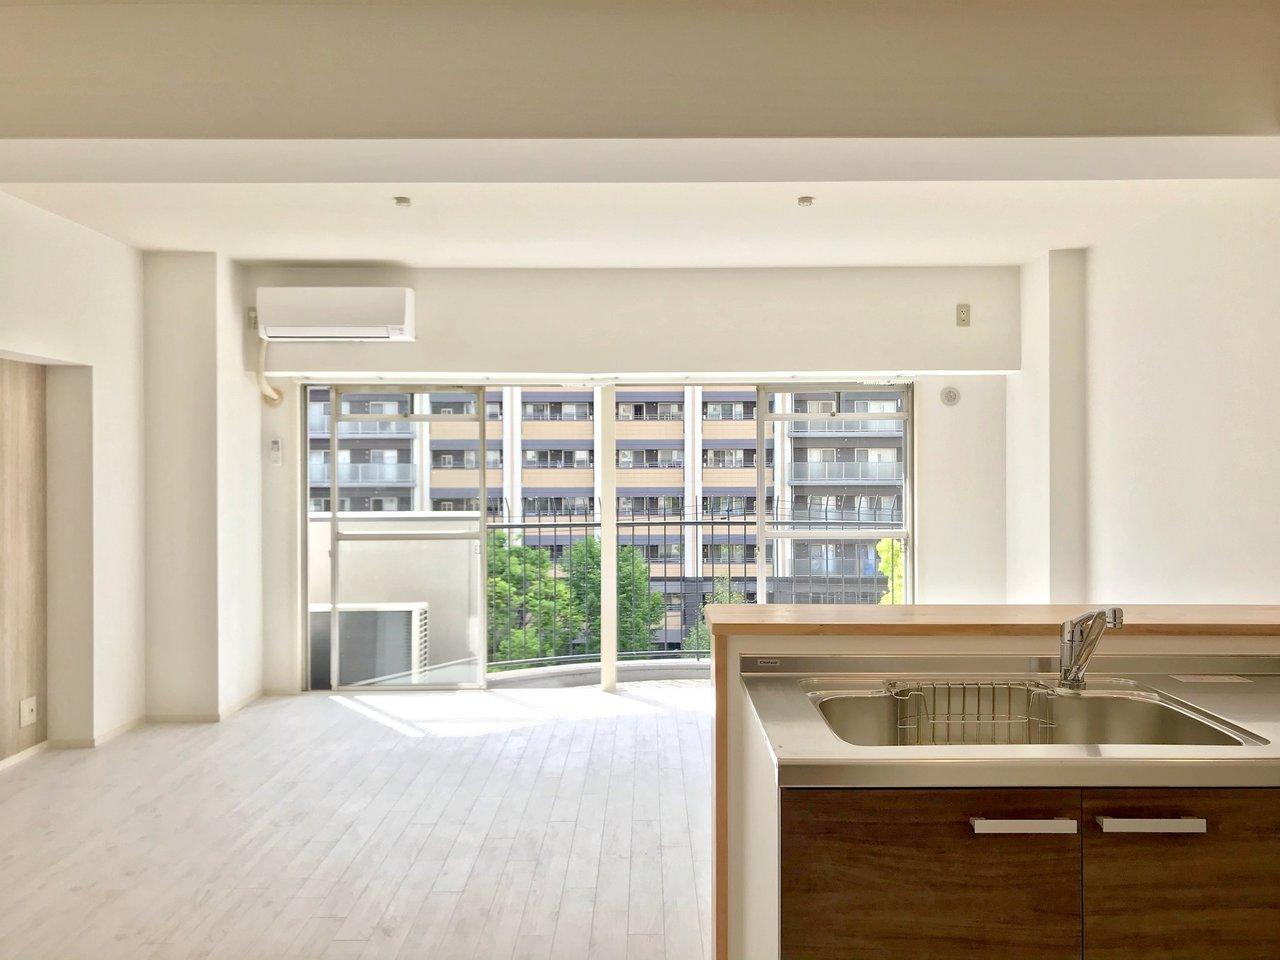 博多駅徒歩4分のすごい場所にあるマンションです。リノベーションで17.8畳のリビングのある1LDKに生まれ変わりました。